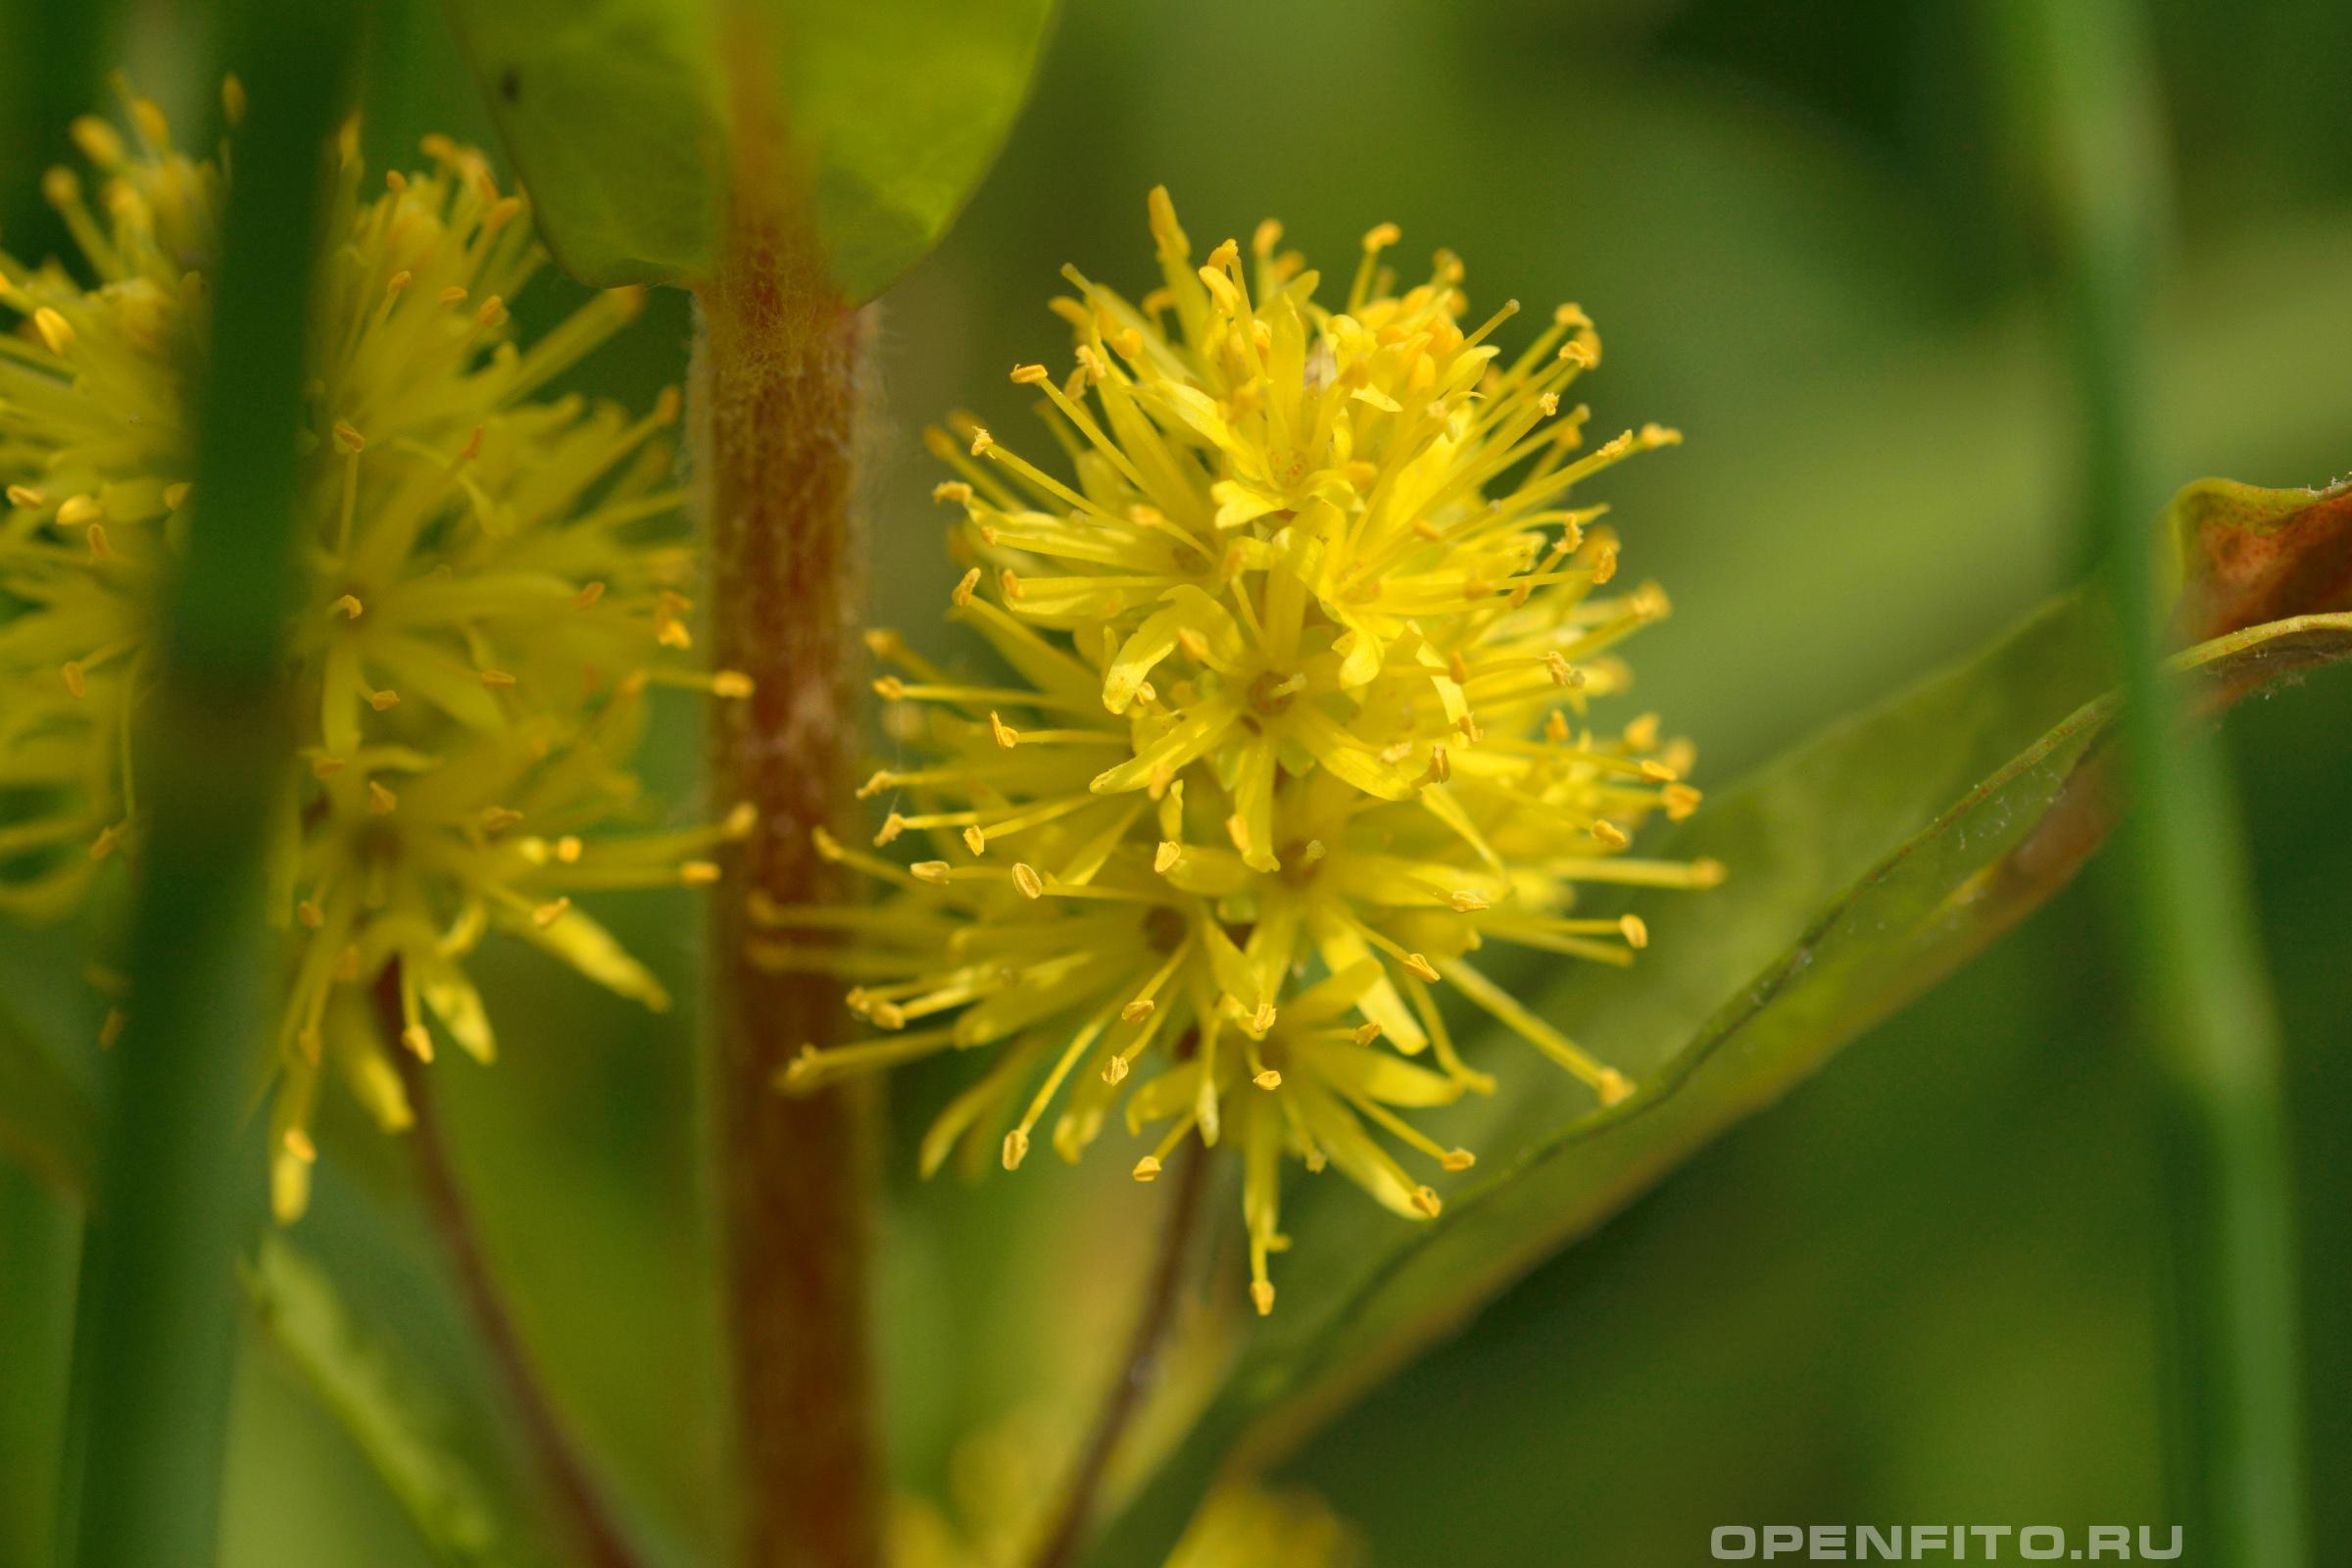 Кизляк кистецветный или Наумбургия кистецветковая или кизляк болотный